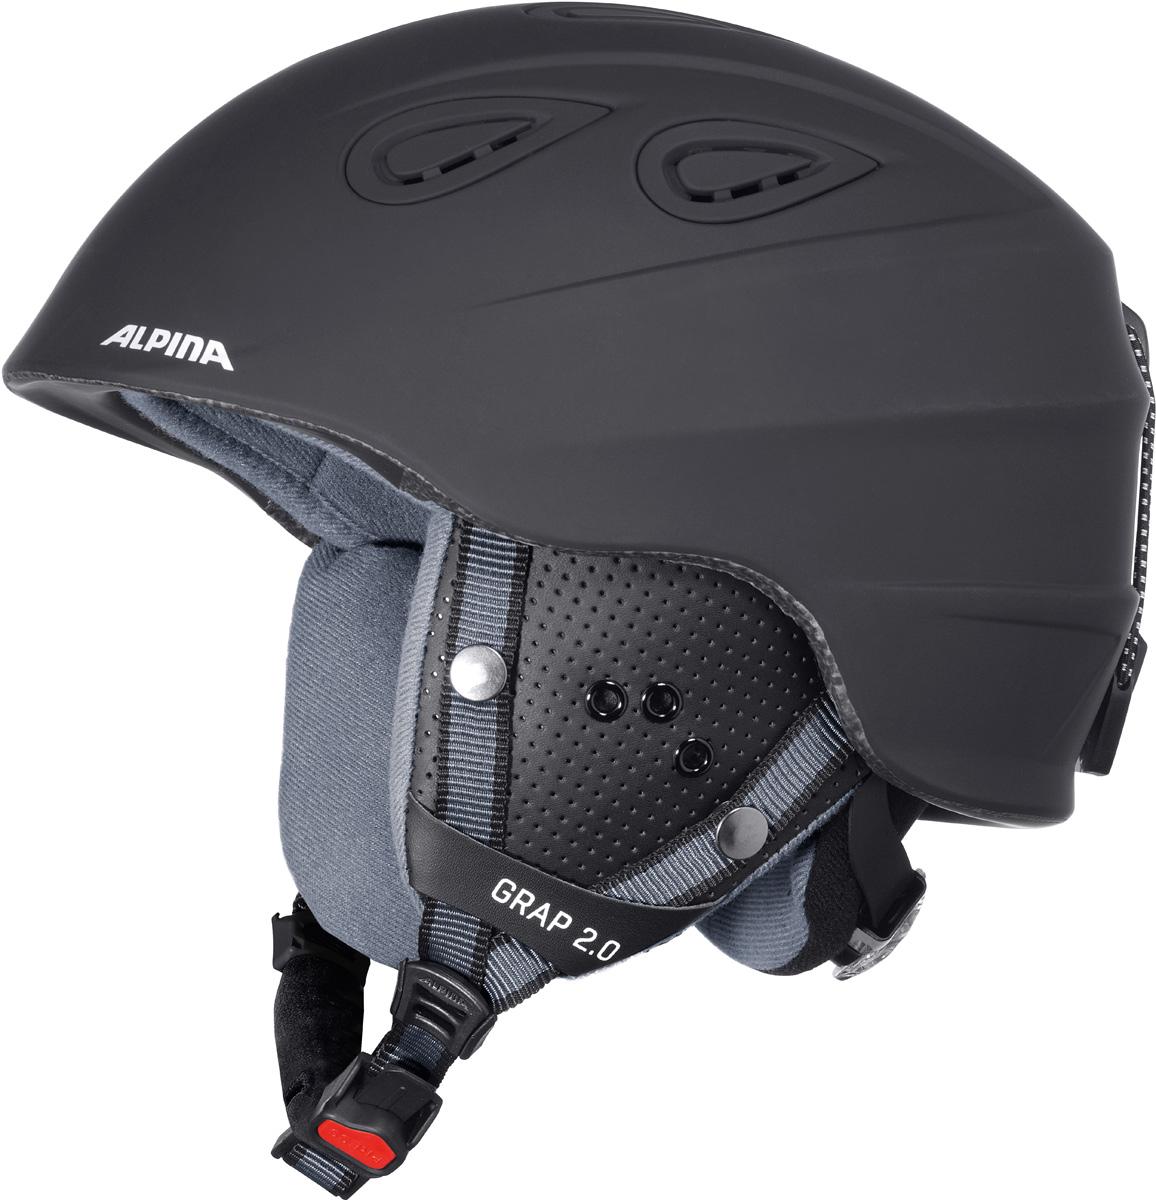 """Шлем горнолыжный Alpina """"Grap 2.0"""", цвет: черный. A9085_33. Размер 54-57"""